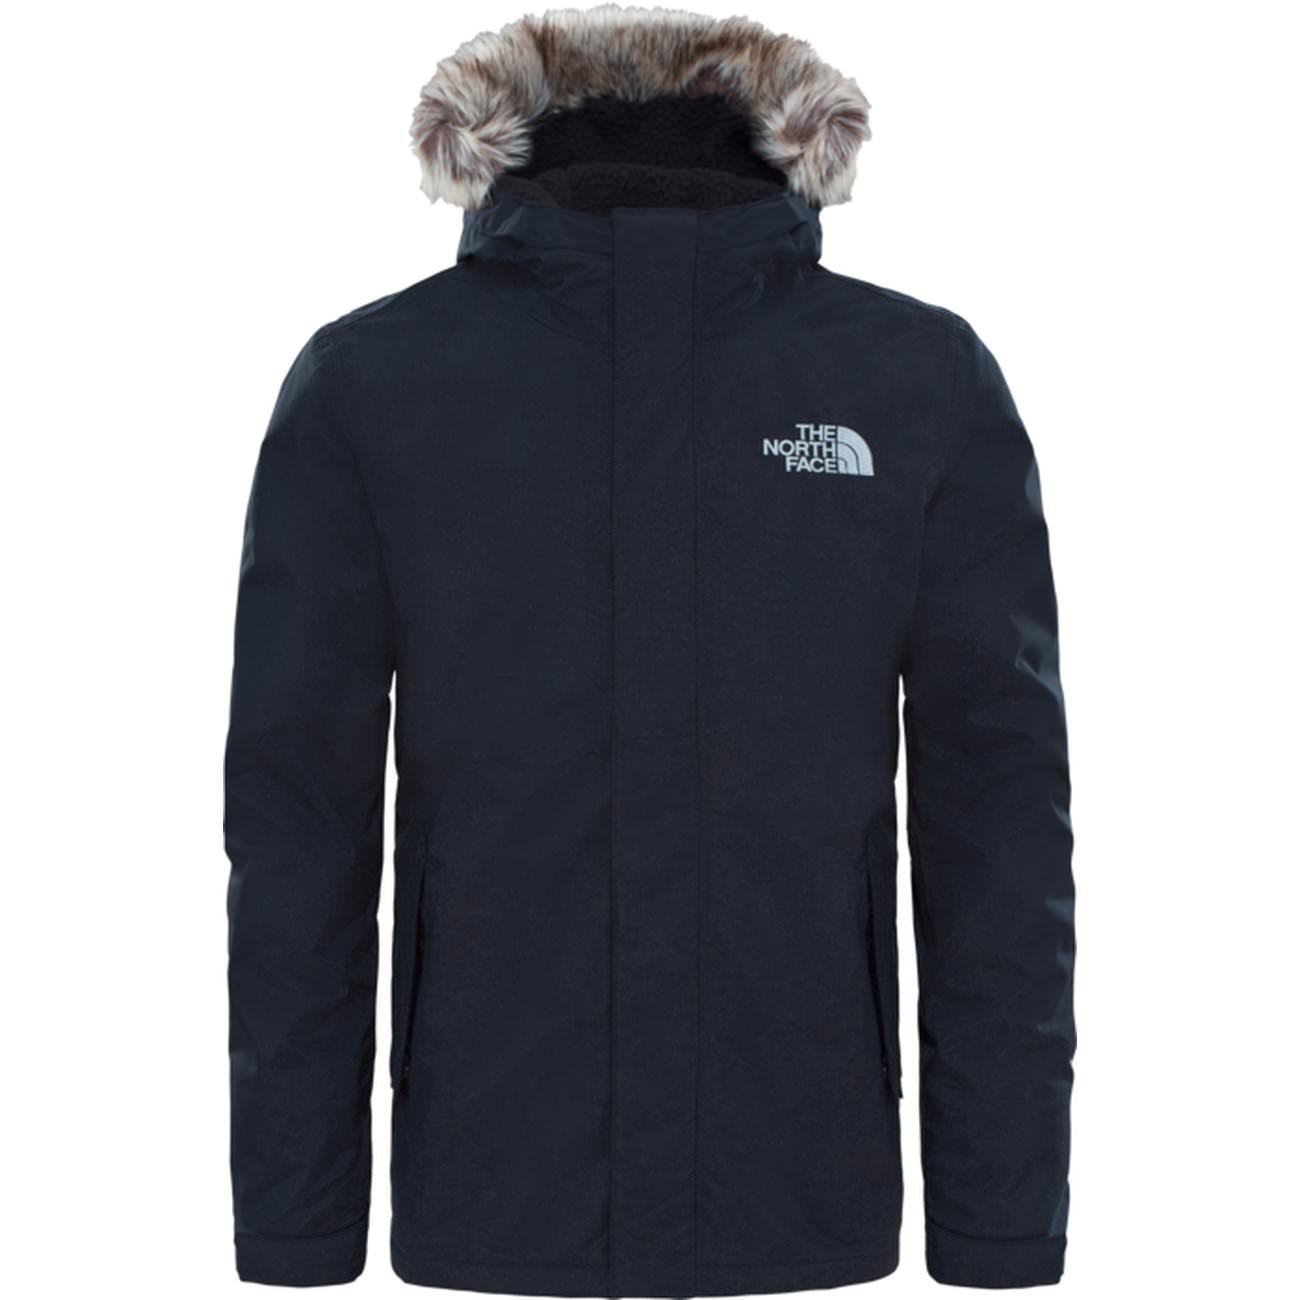 Veste homme The North Face Sherpa Zaneck - Tailles L et XL uniquement